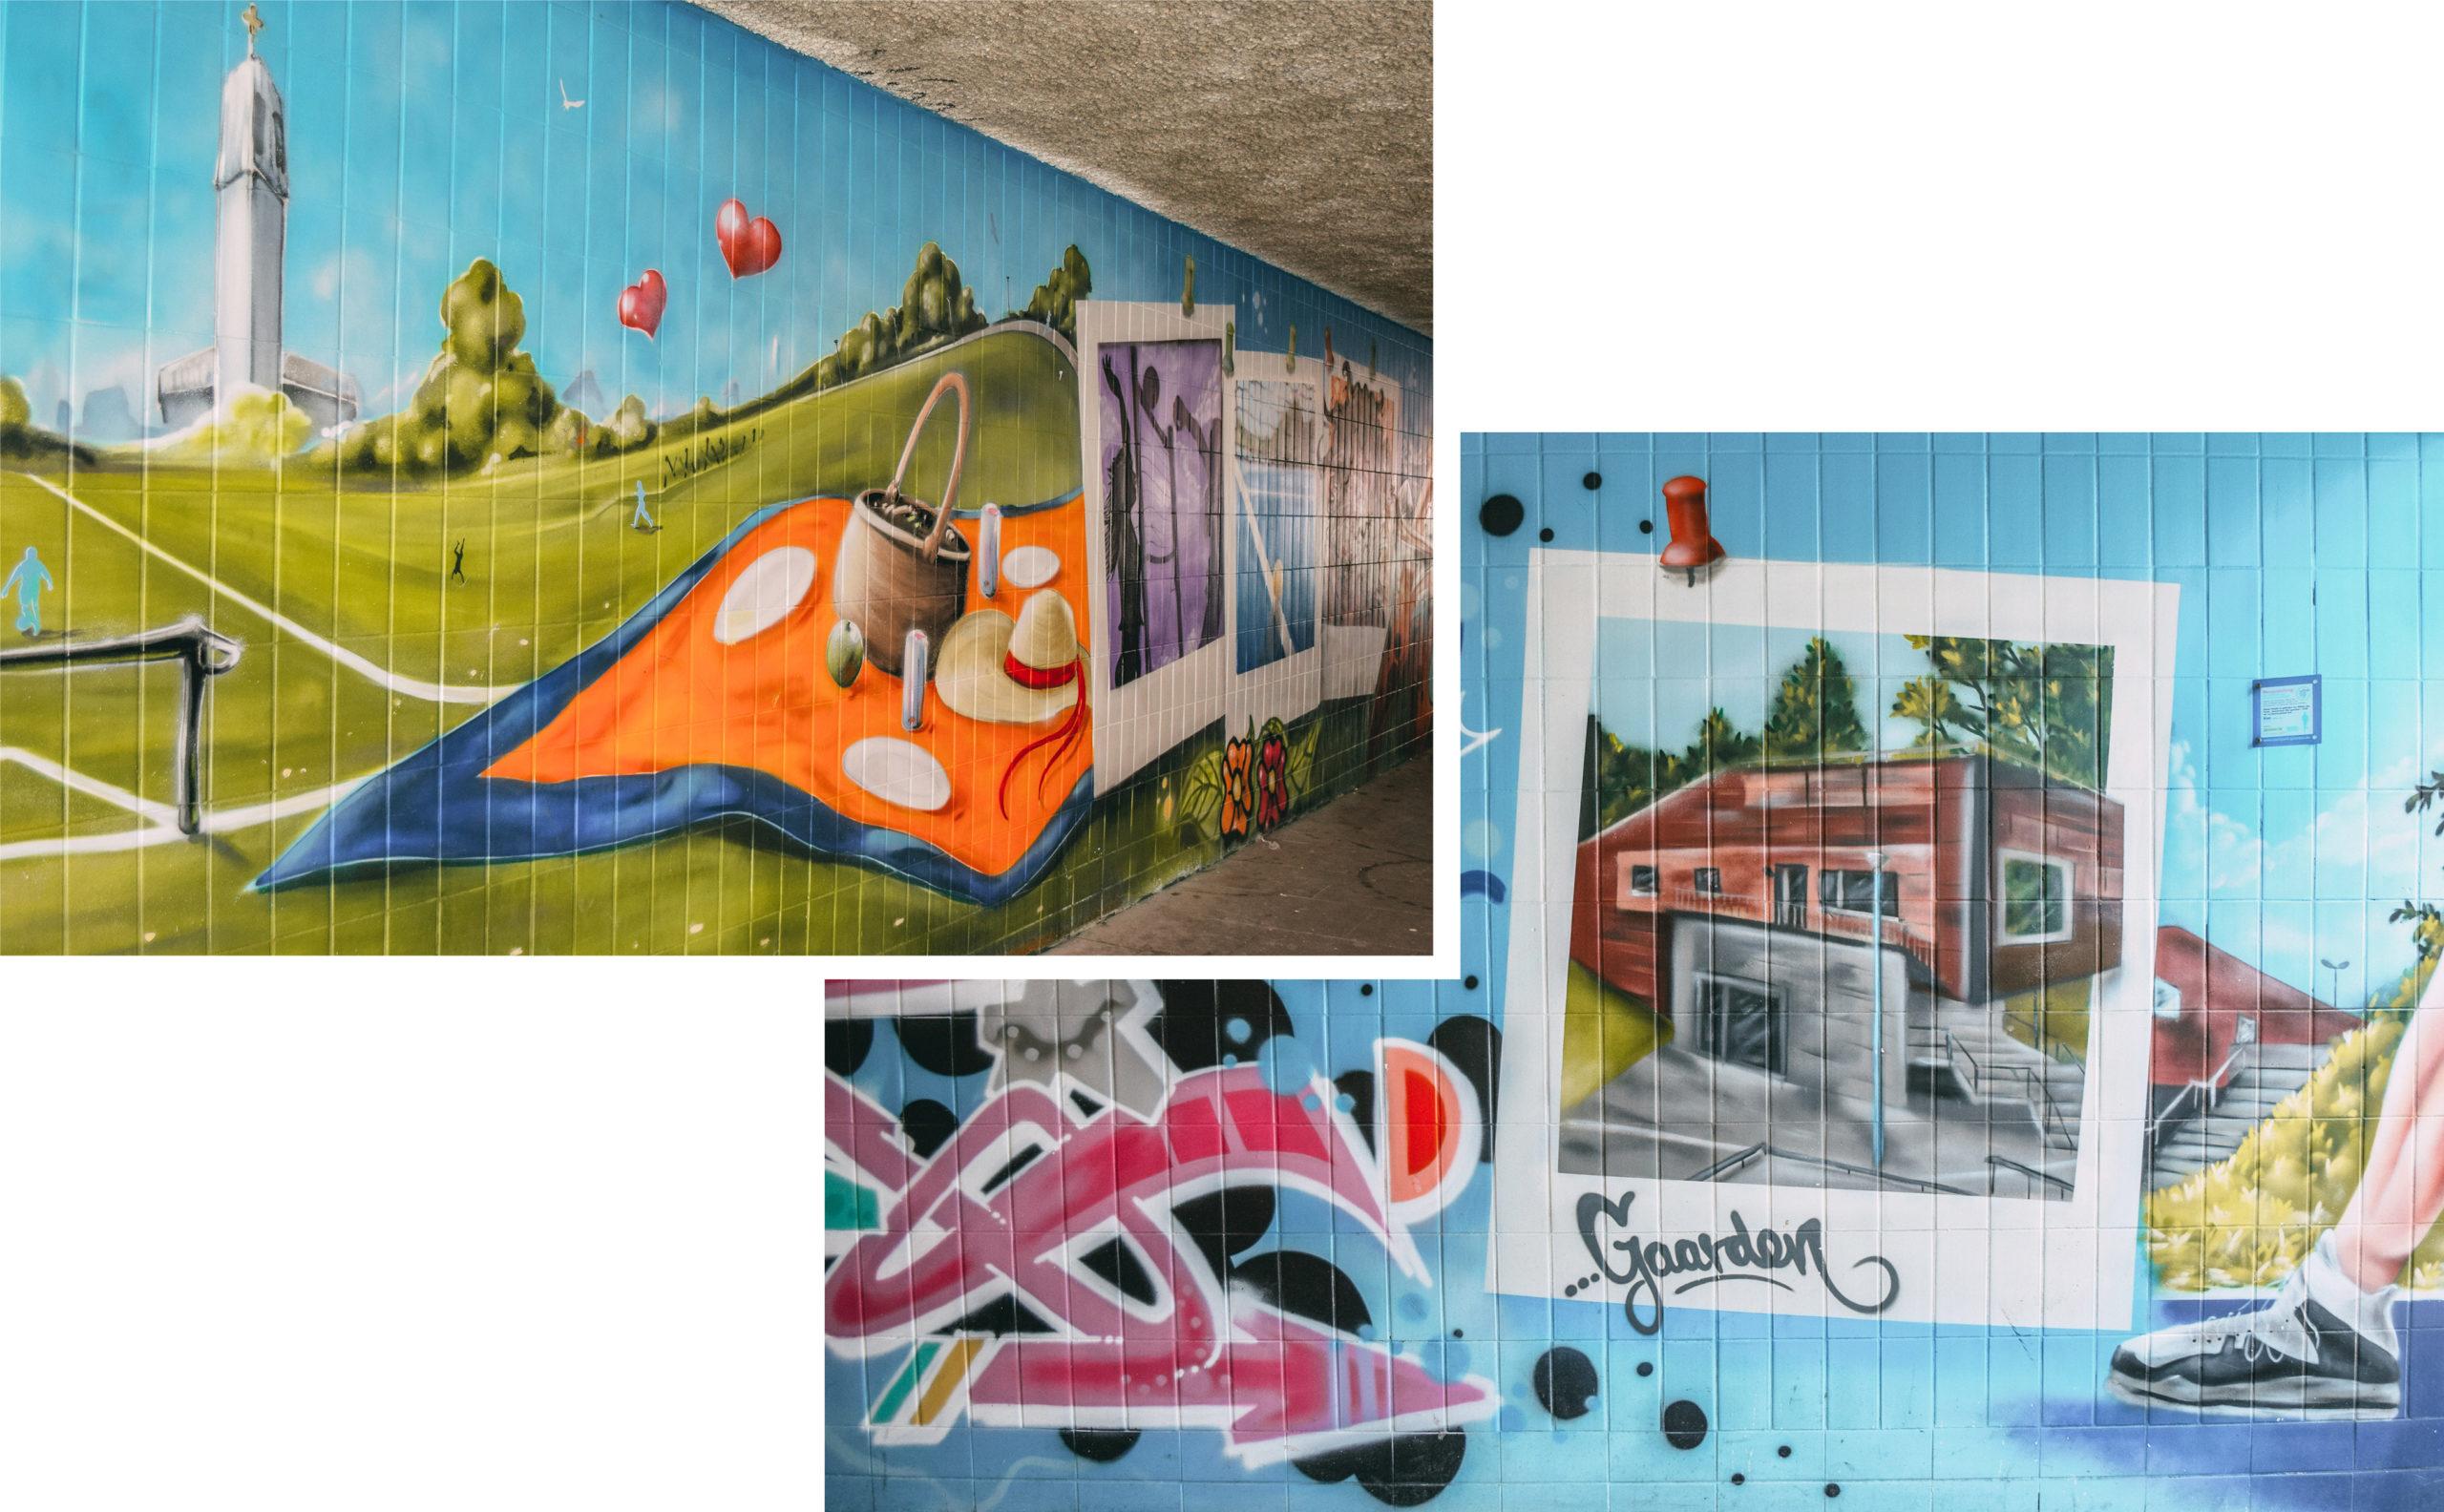 Gaarden Graffiti